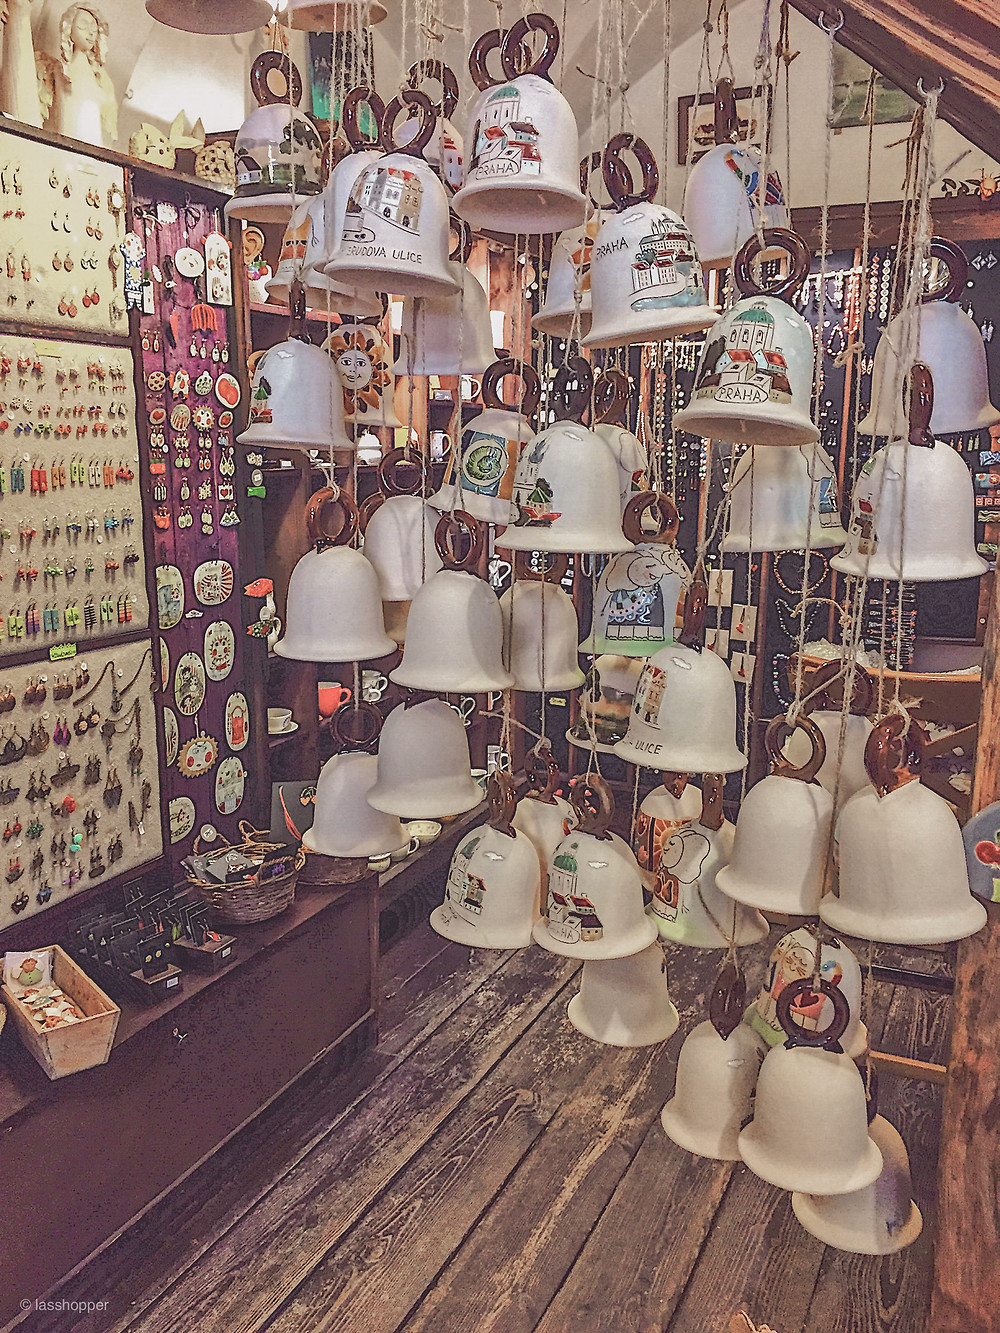 The souvenir shop